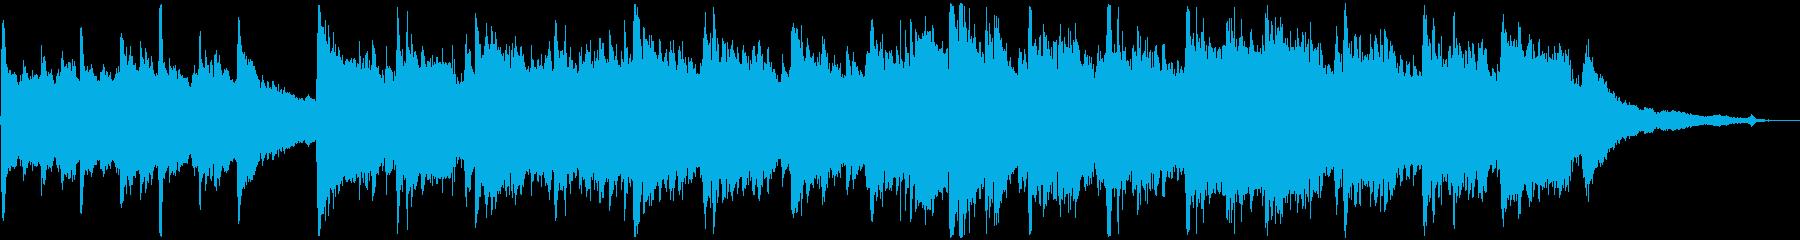 8bitシンセとアコギの切ないBGMの再生済みの波形